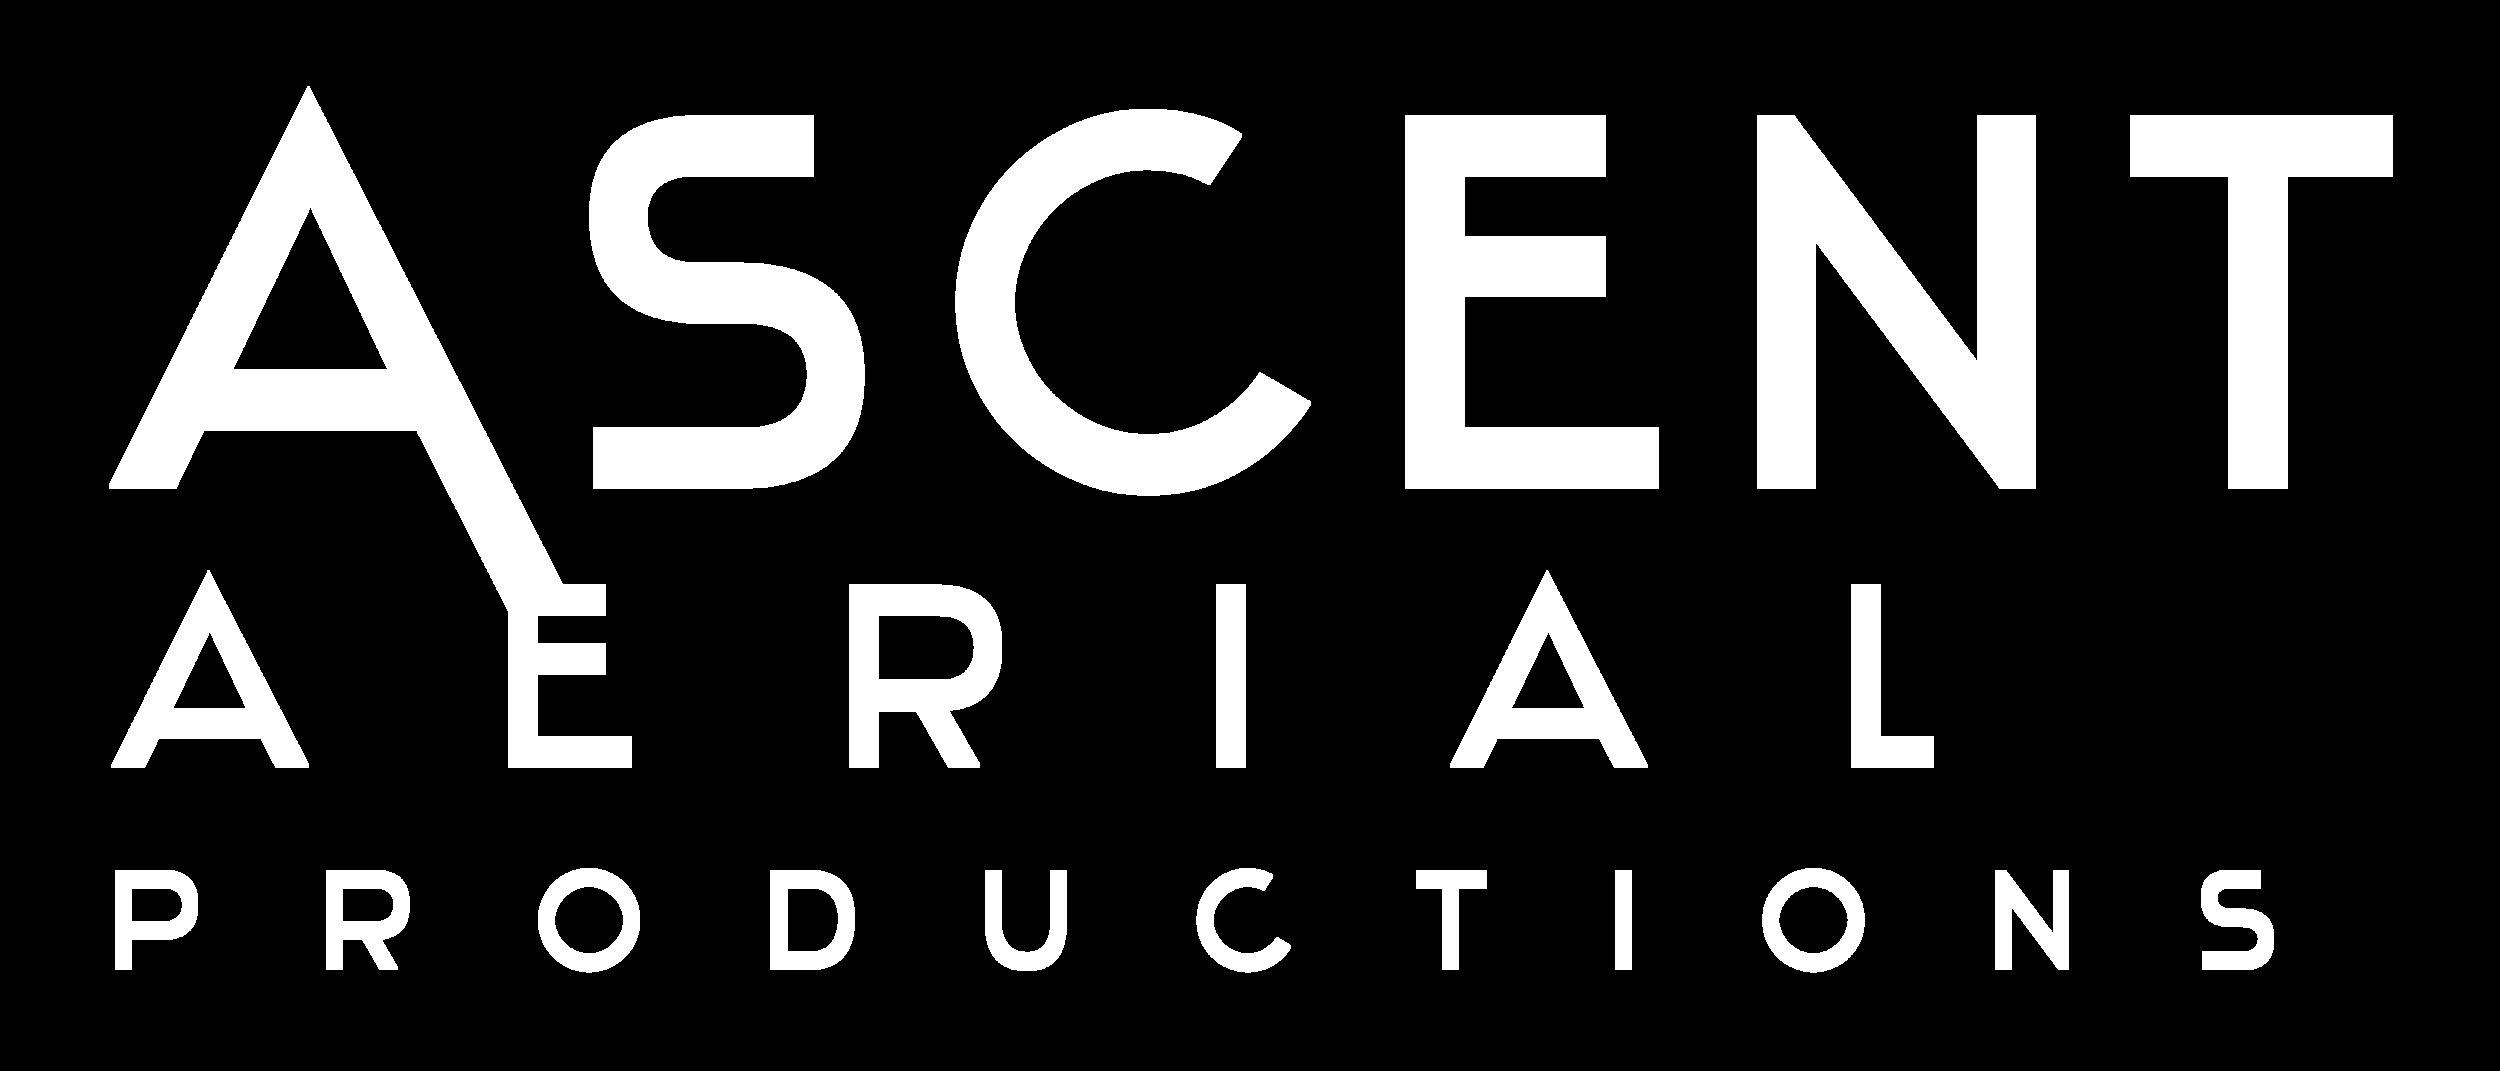 Ascent-AP-Text.wht.hi.png